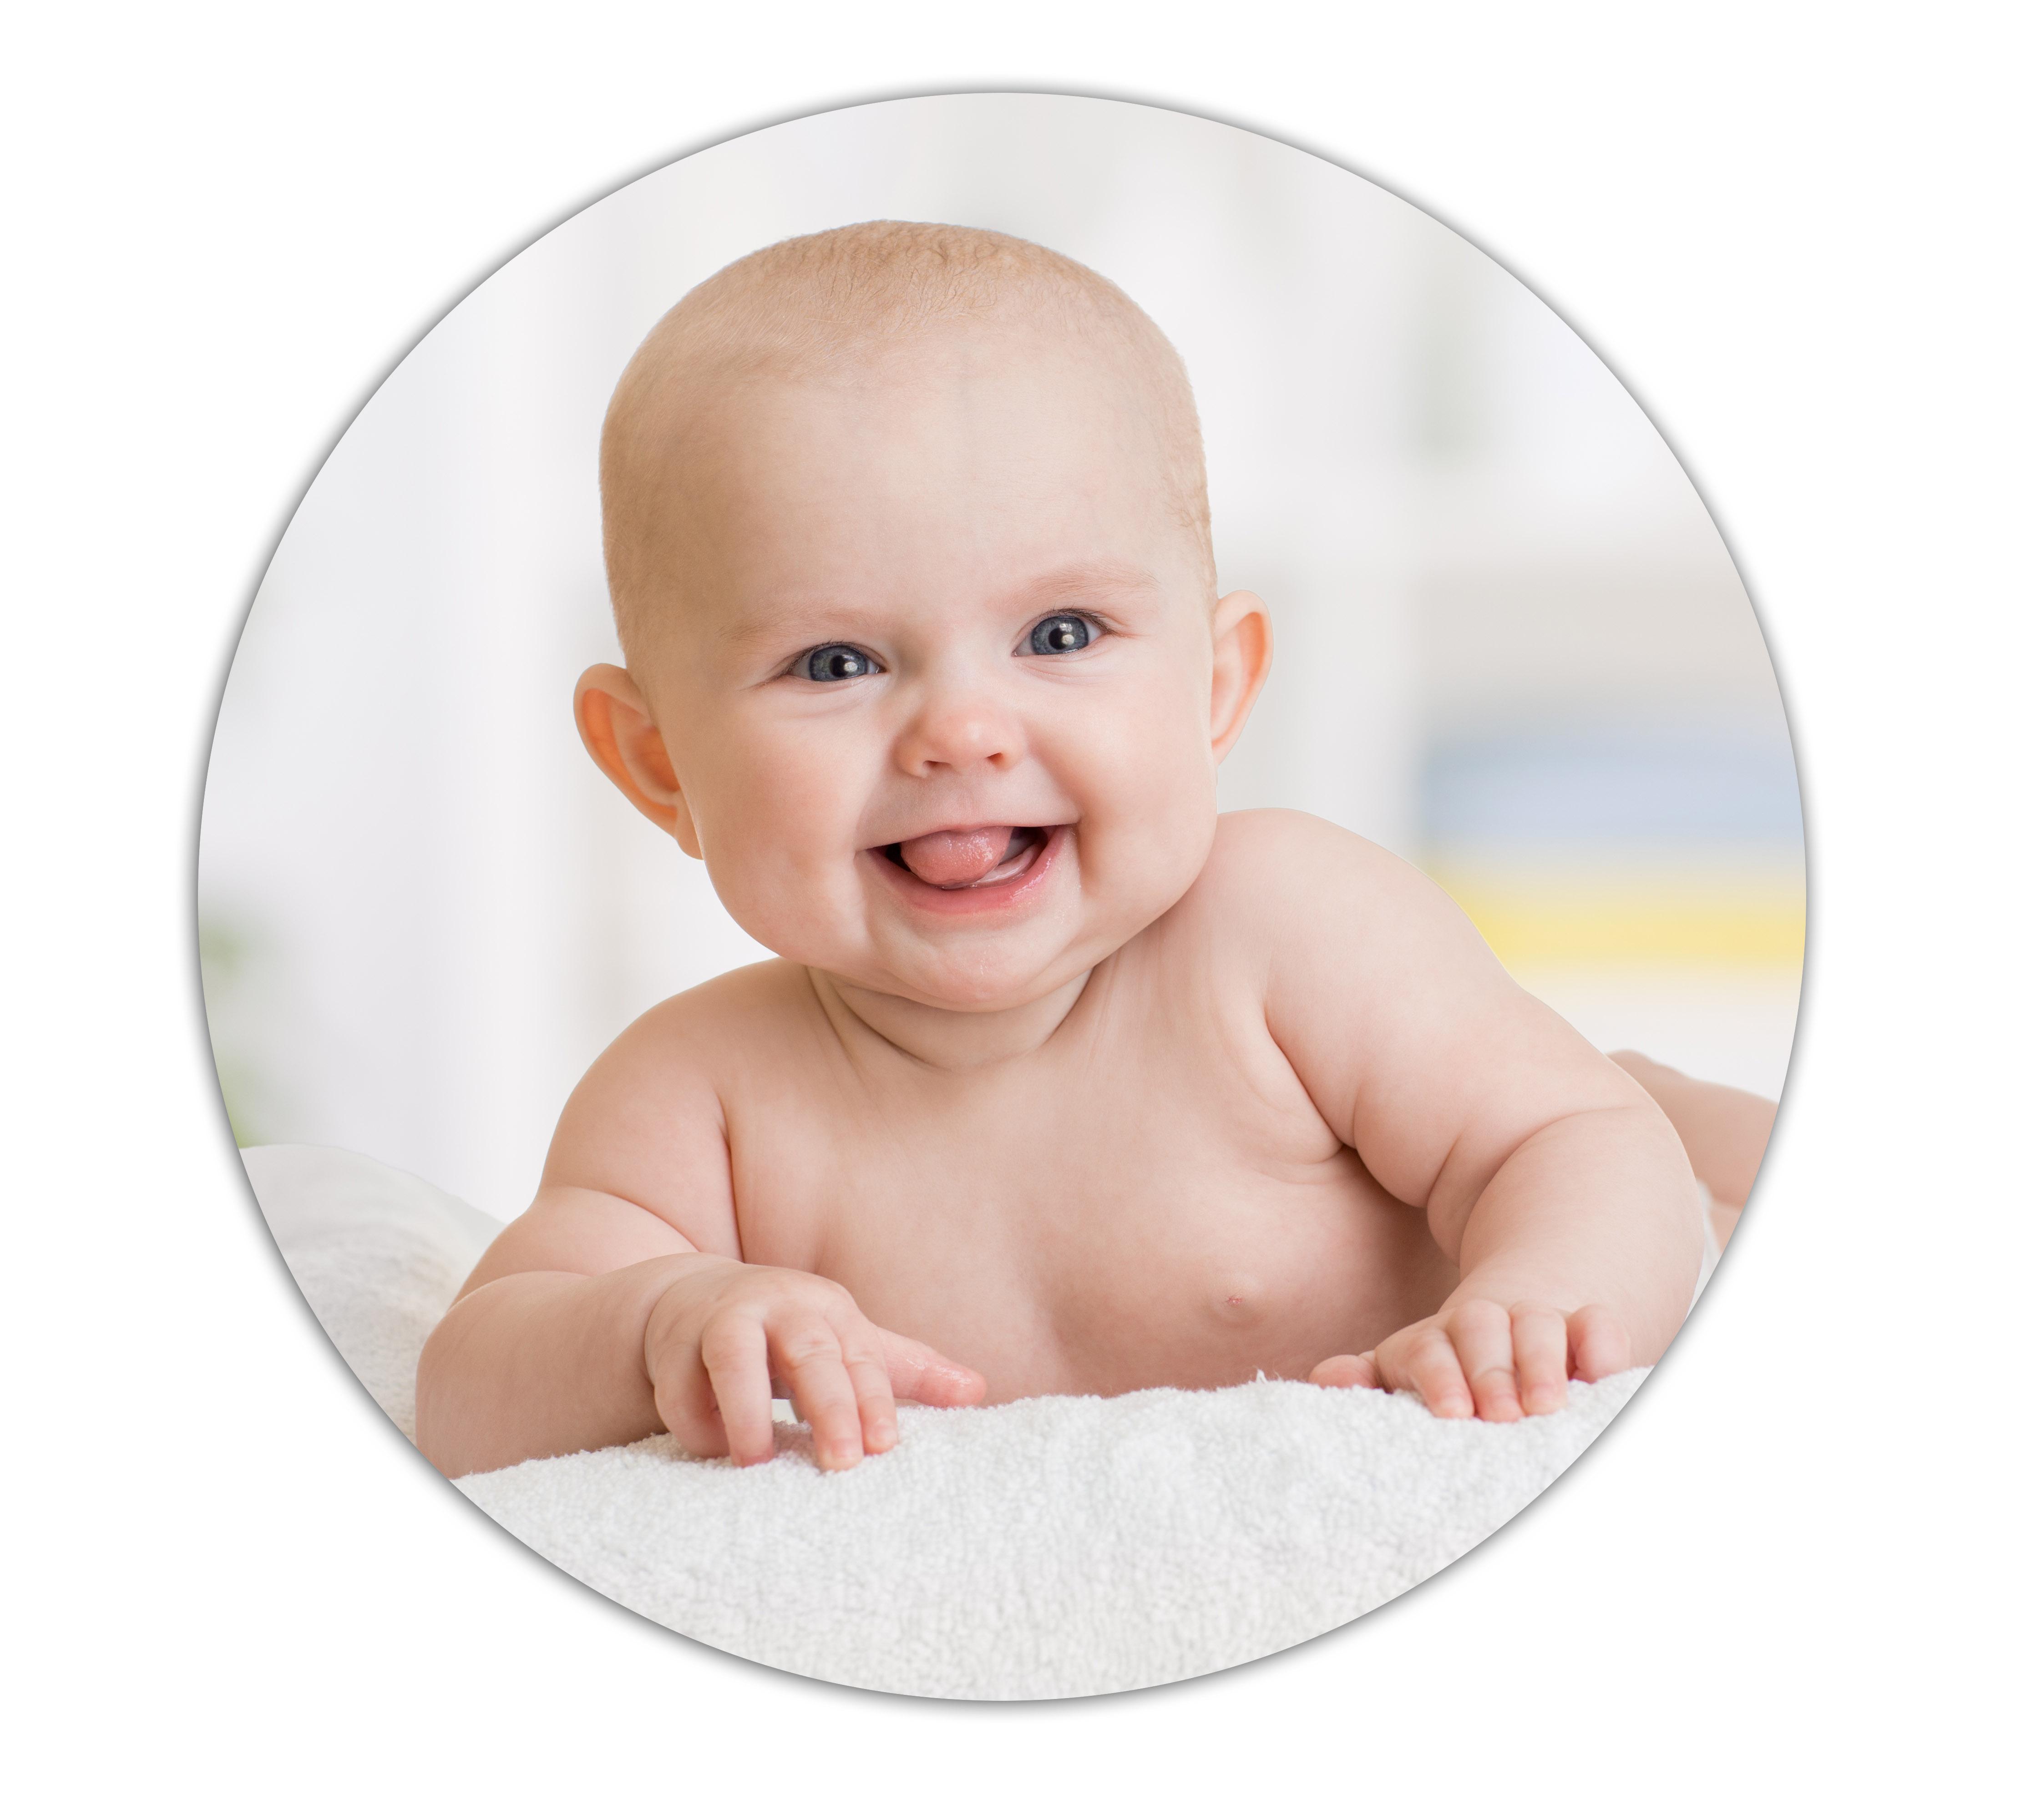 smiling baby girl lying on towel